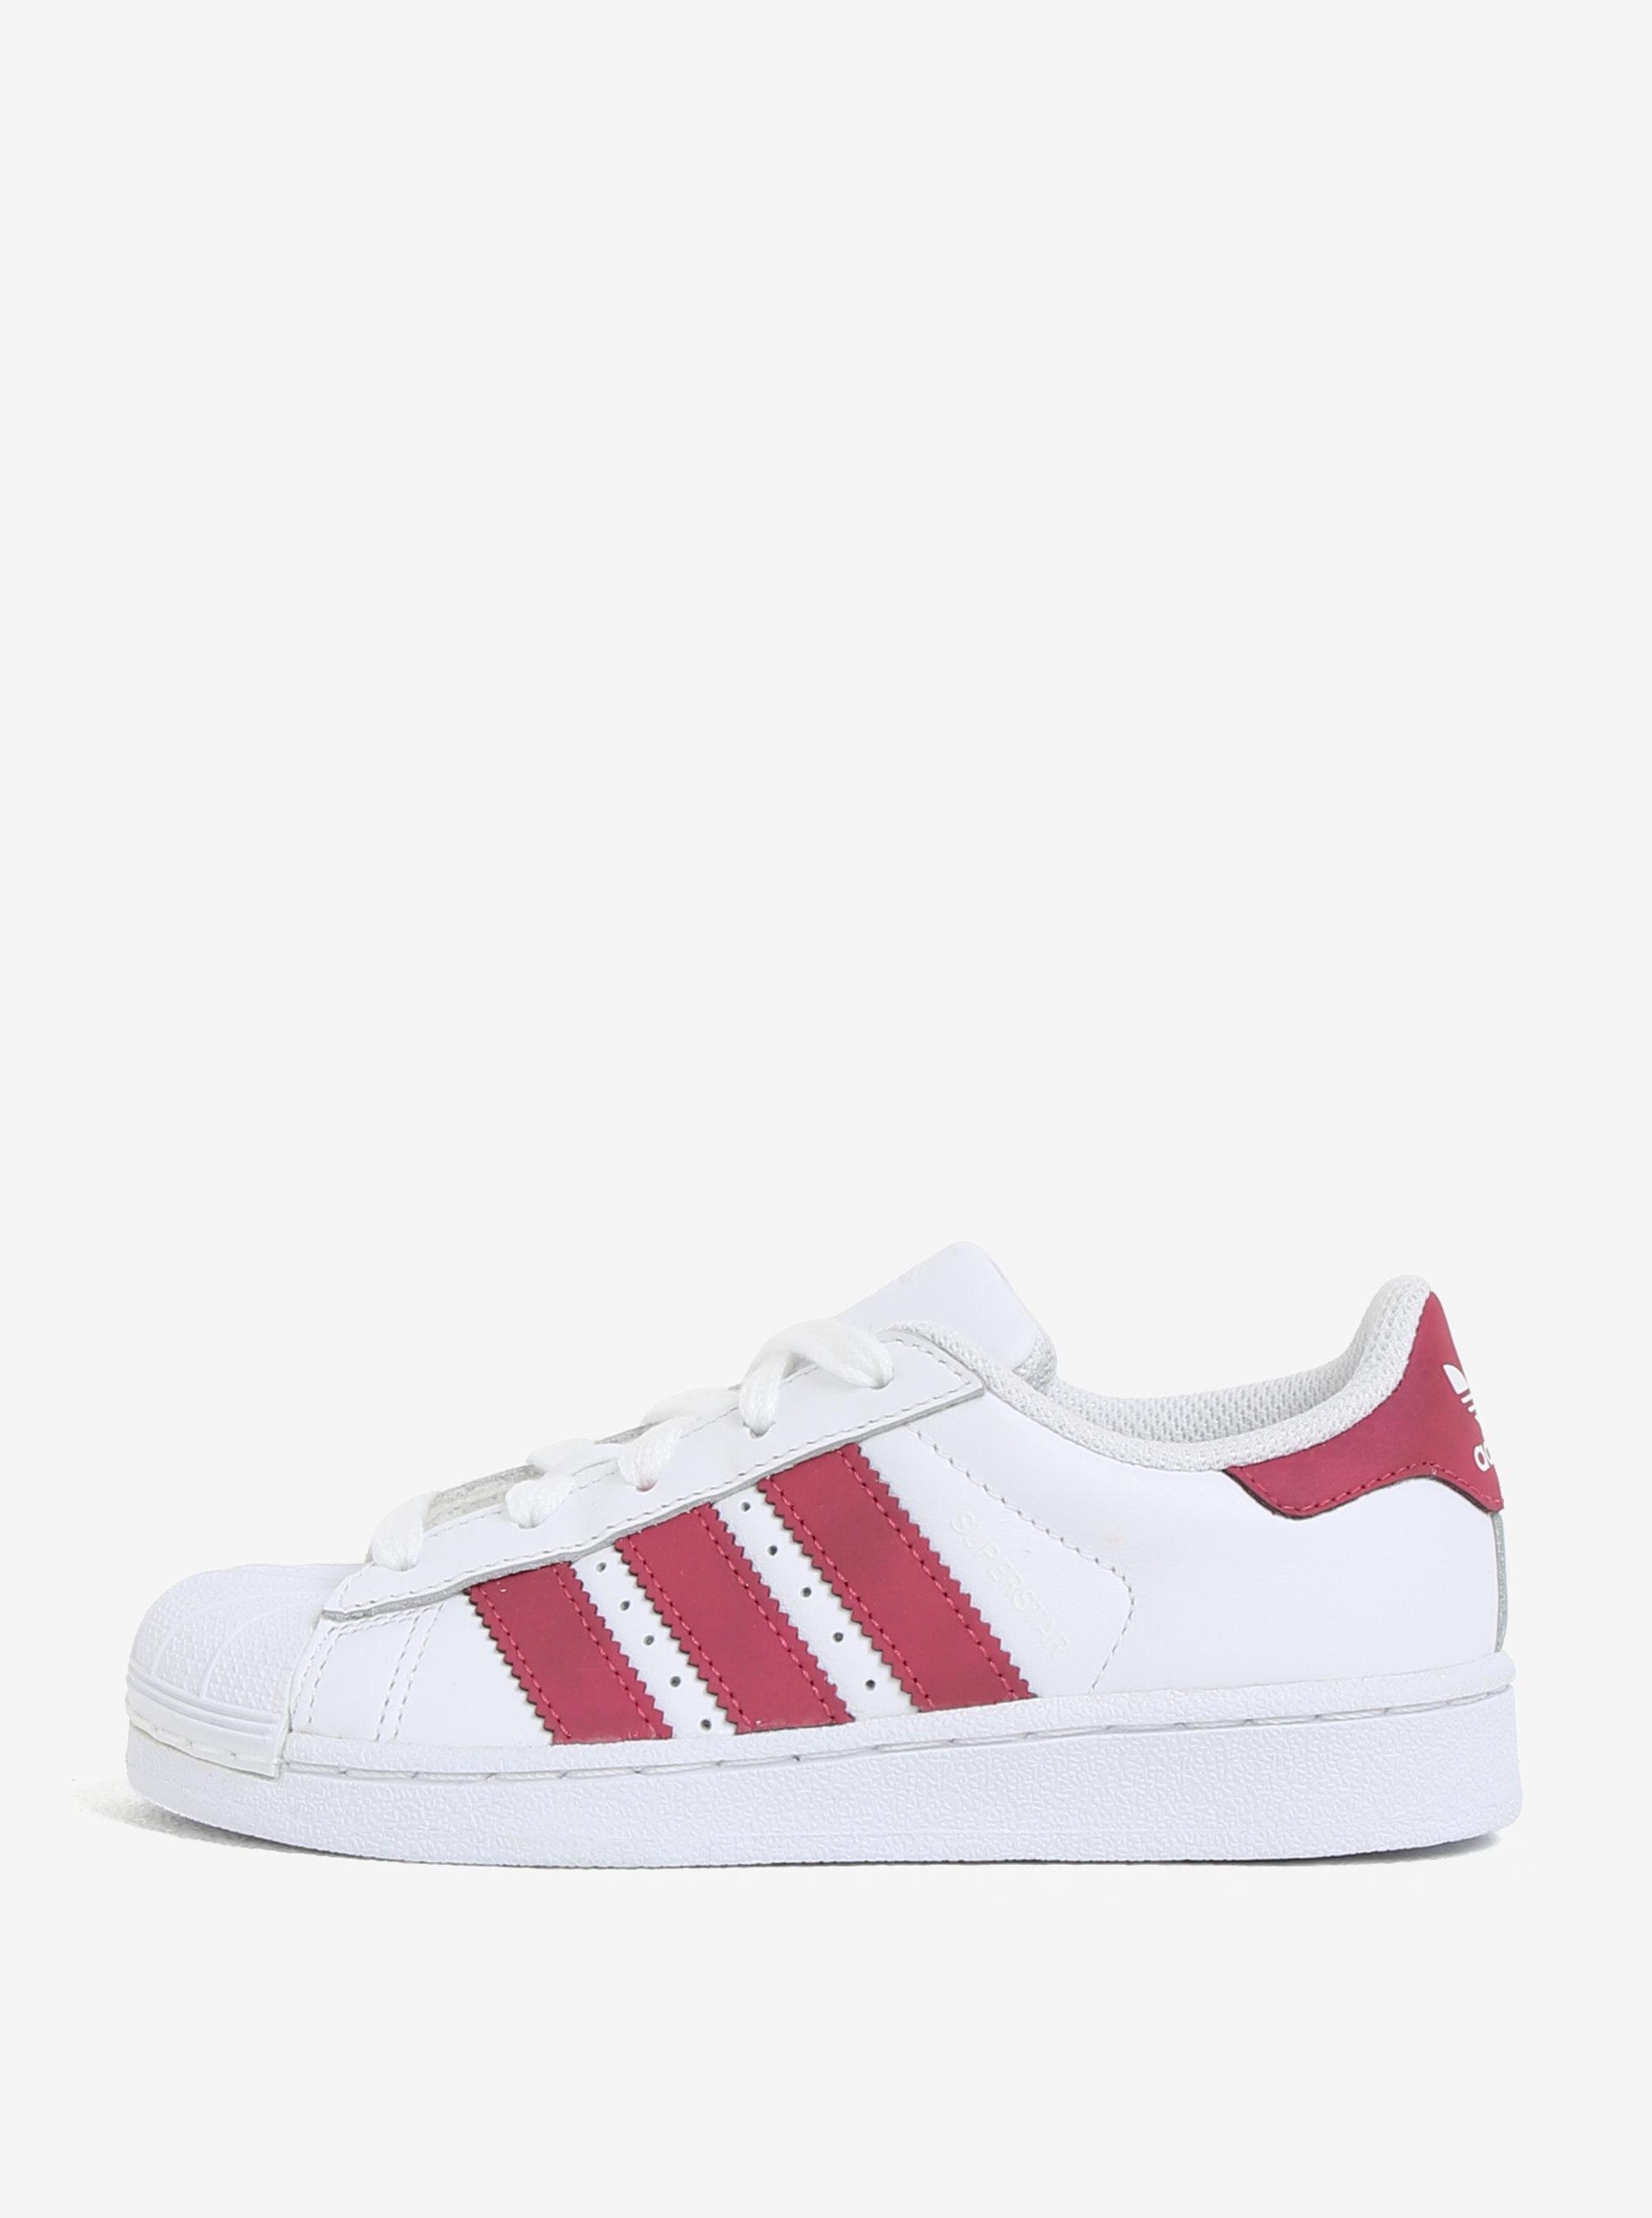 e13b87ccce3 Biele detské kožené tenisky s červenými detailmi adidas Originals ...